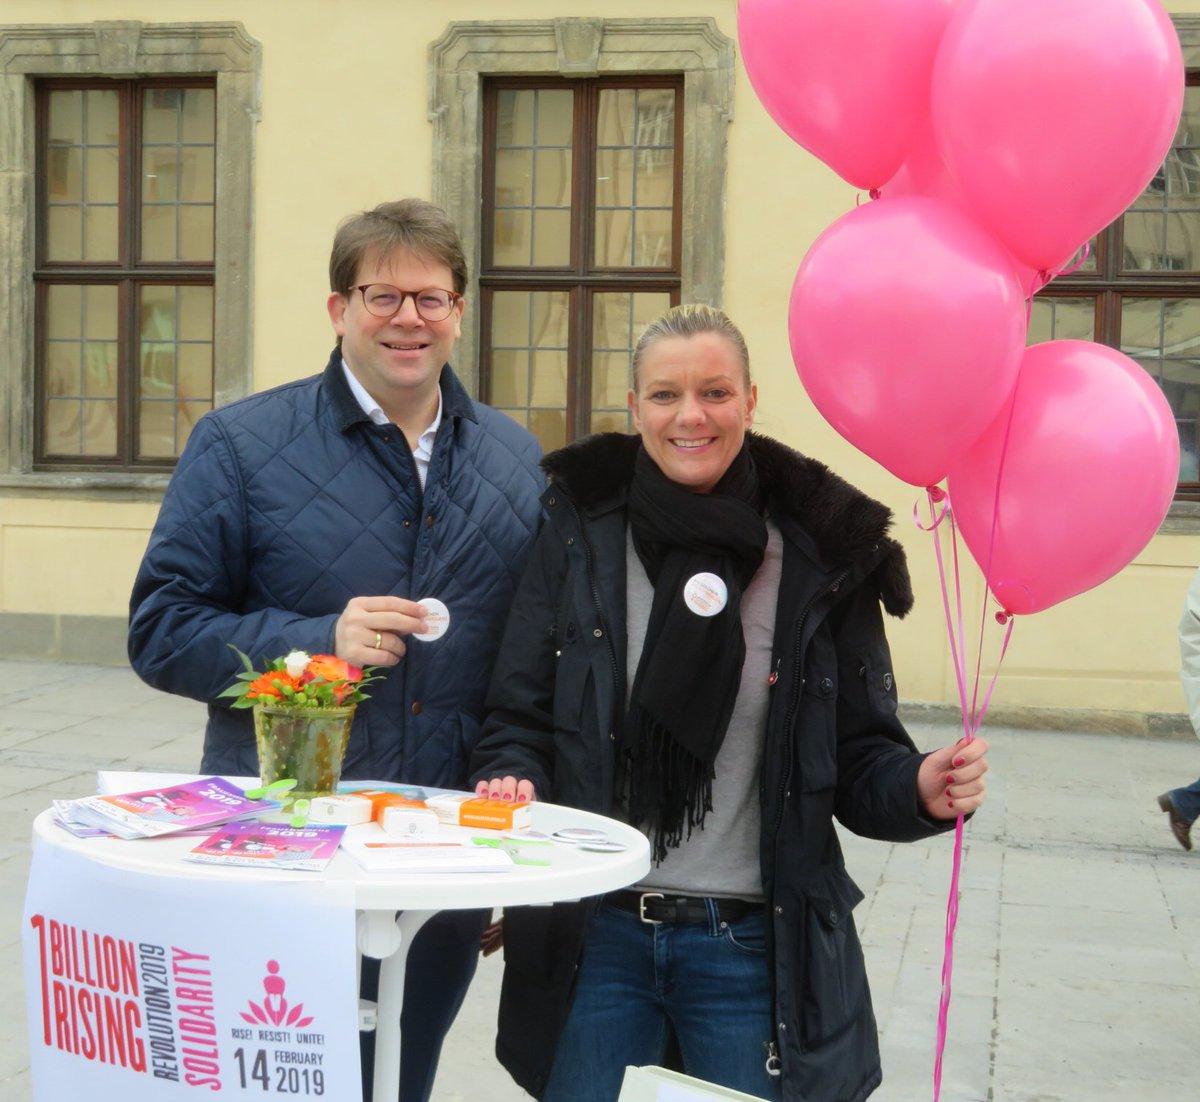 Oberbürgermeister Dr. Wingenfeld und Polizeihauptkommissarin Denise Abersfelder